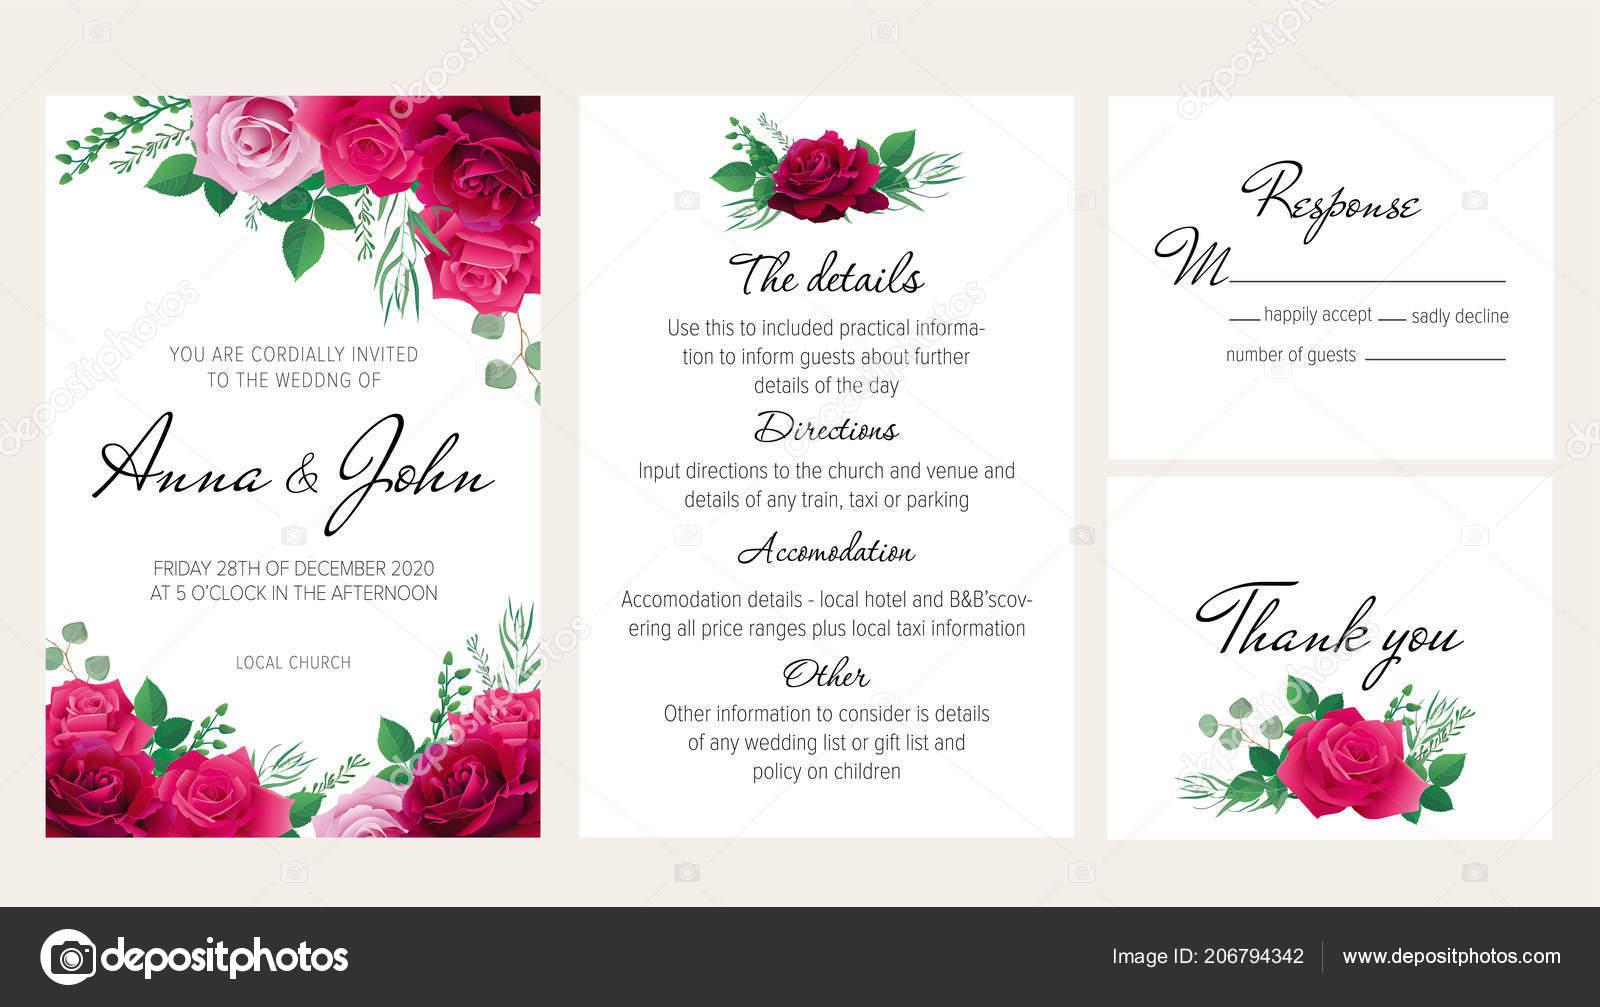 Wedding invitation templates purple | Elegant Floral Wedding Invitation Set  Purple Dark Red Pink Roses — Stock Vector © Elimika #206794342